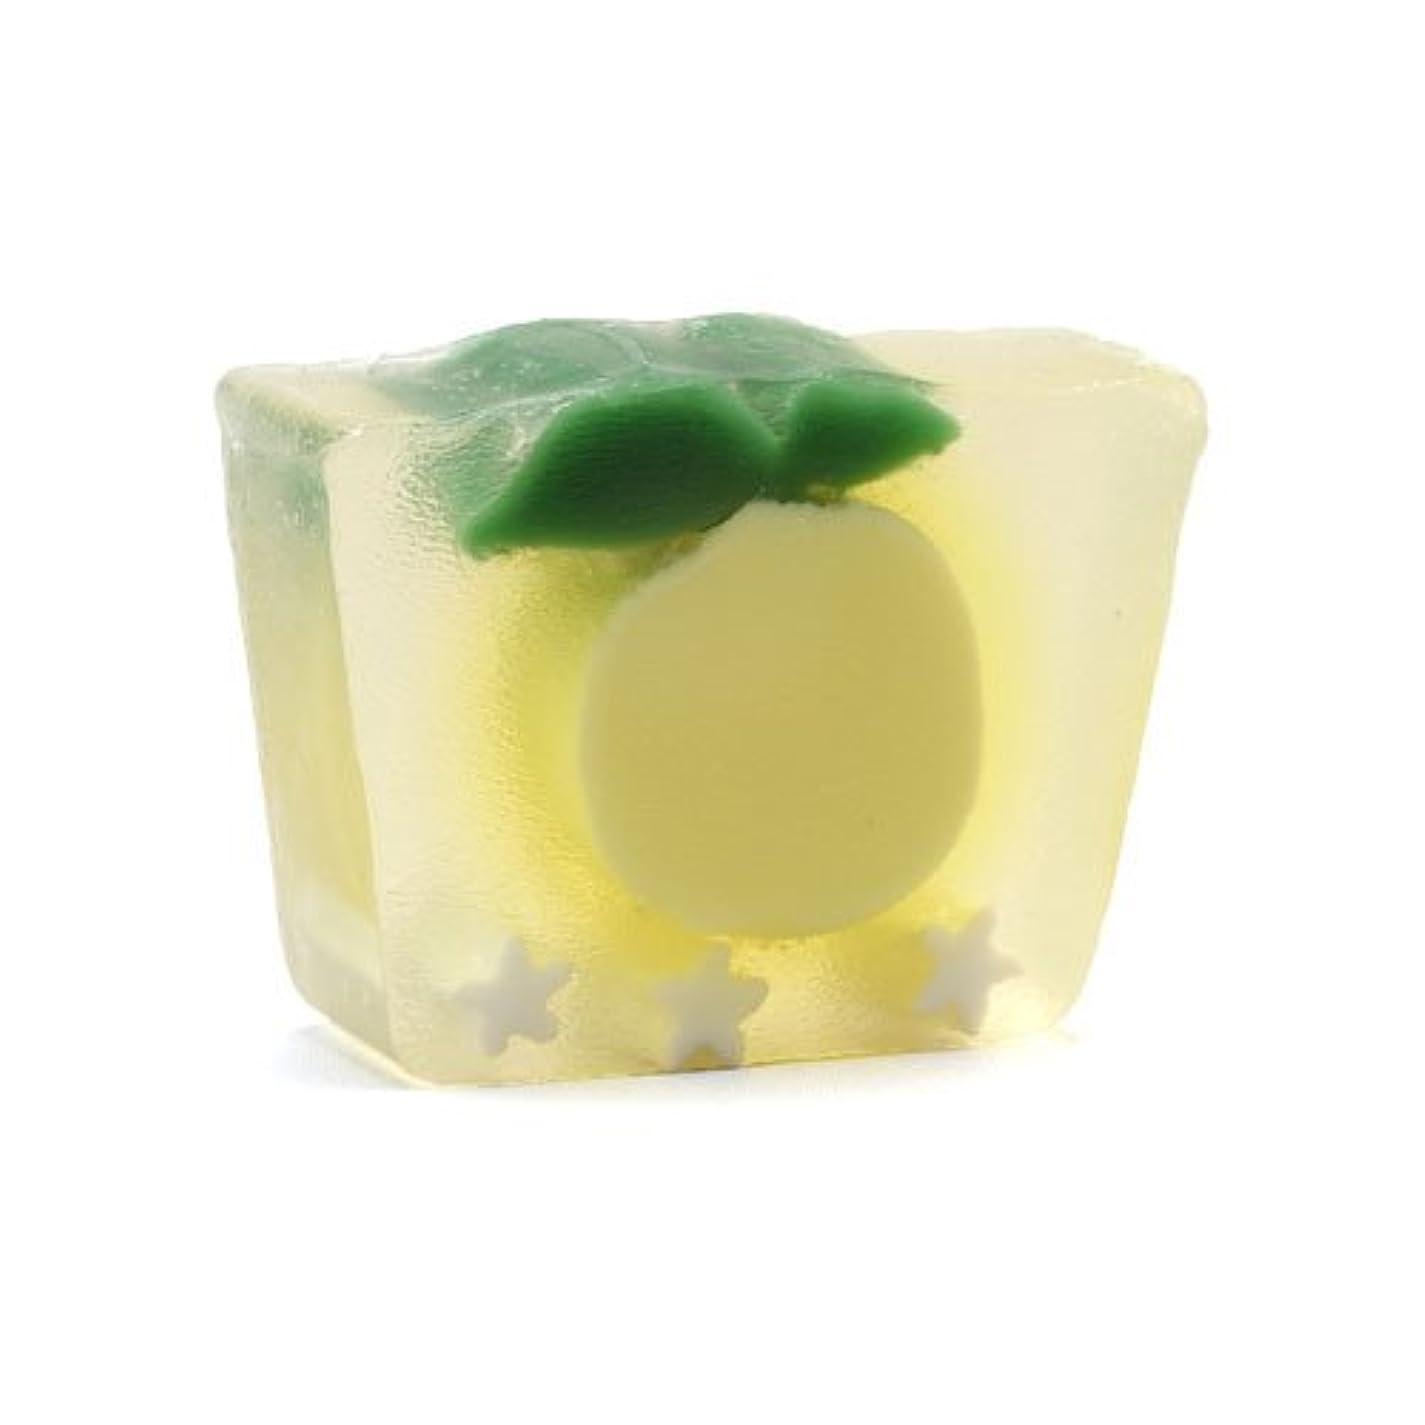 無視する遮るしょっぱいプライモールエレメンツ アロマティック ミニソープ カリフォルニアレモン 80g 植物性 ナチュラル 石鹸 無添加